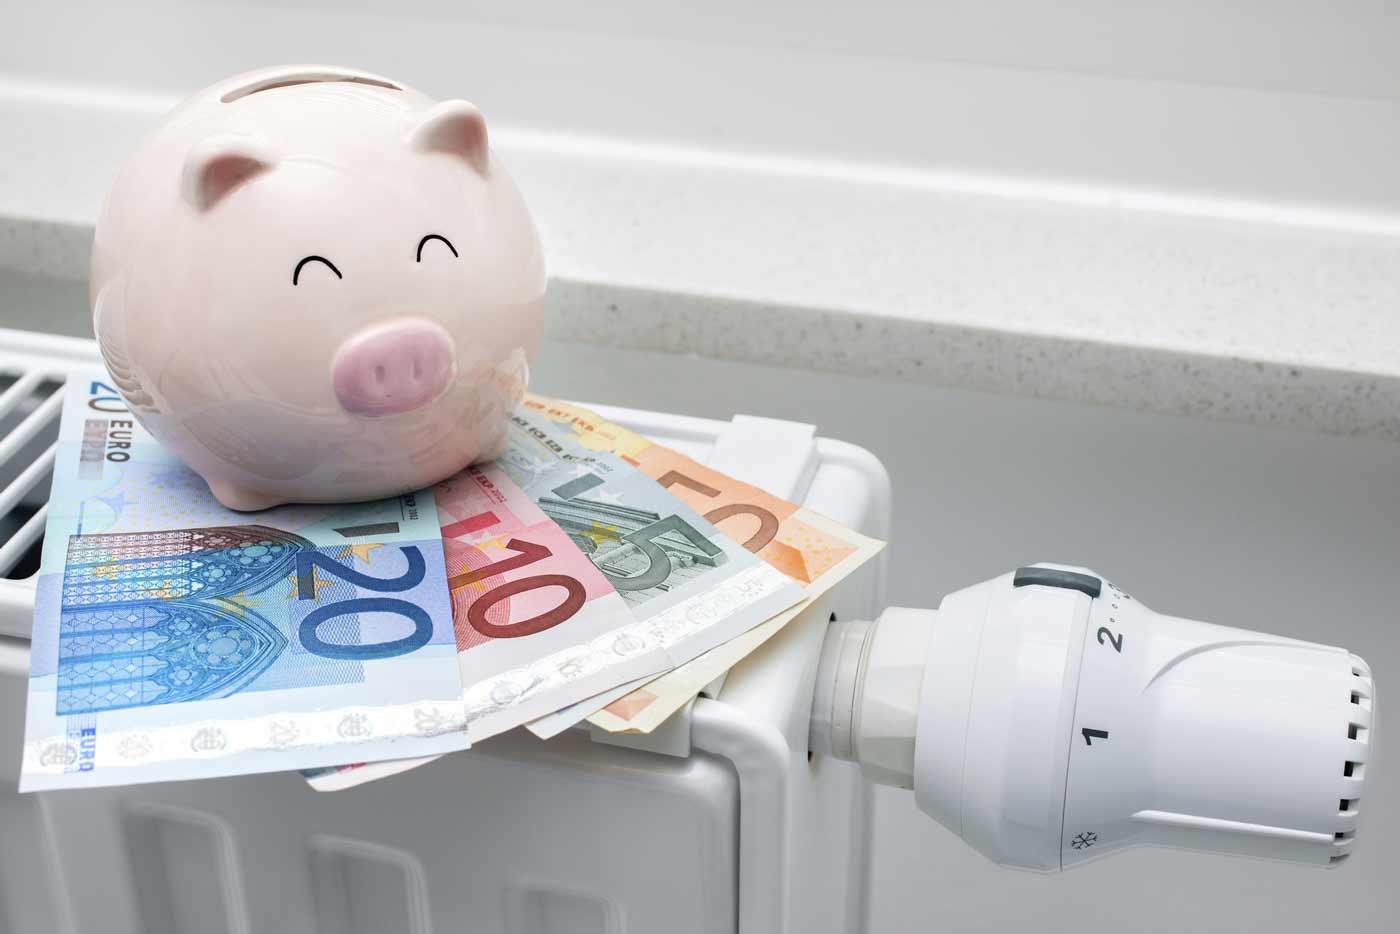 Día mundial ahorro energético